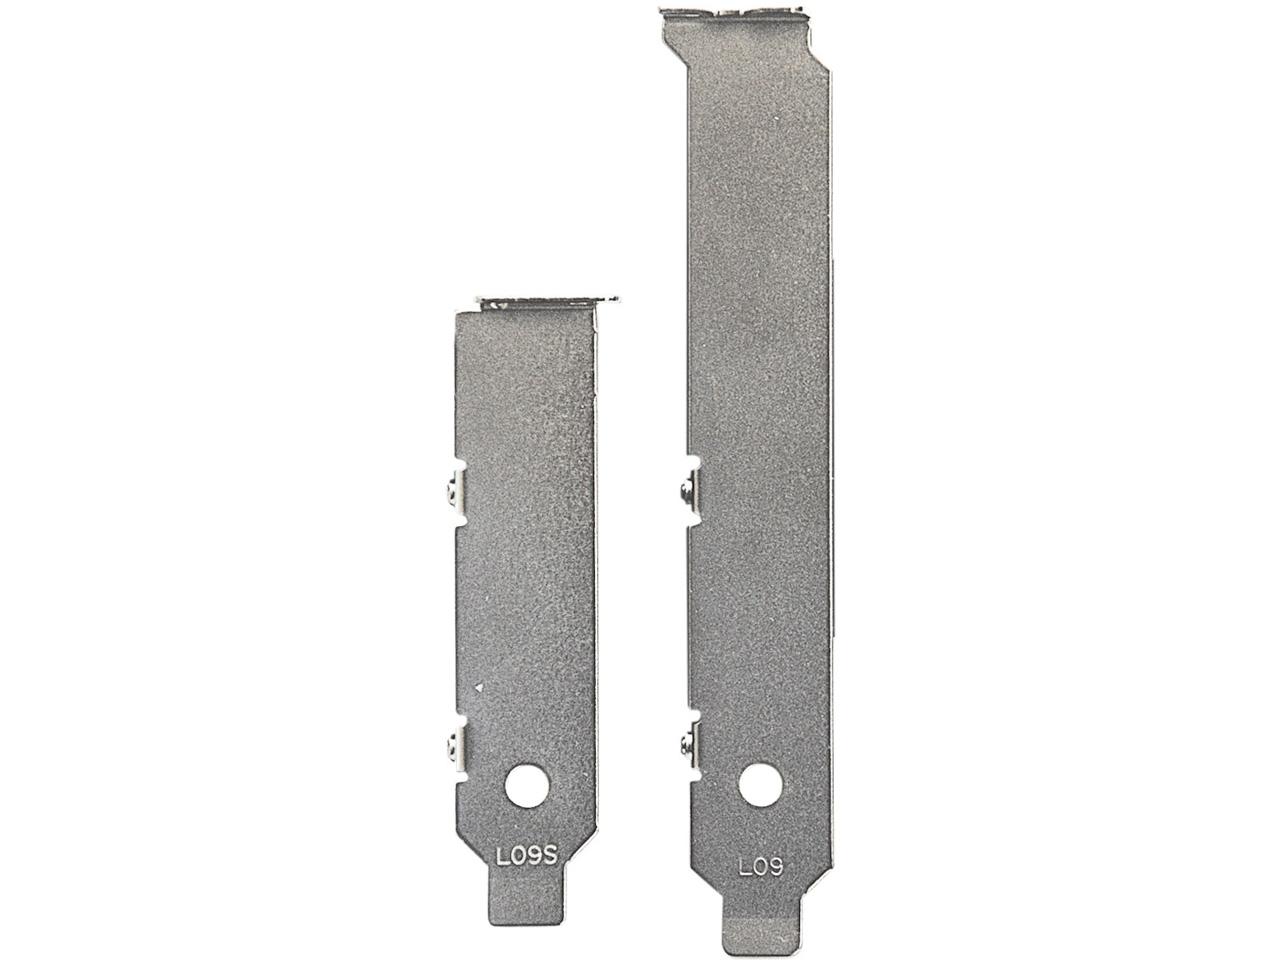 『本体 接続部分』 SATA3-PCIE-I2 [SATA6Gb/s] の製品画像